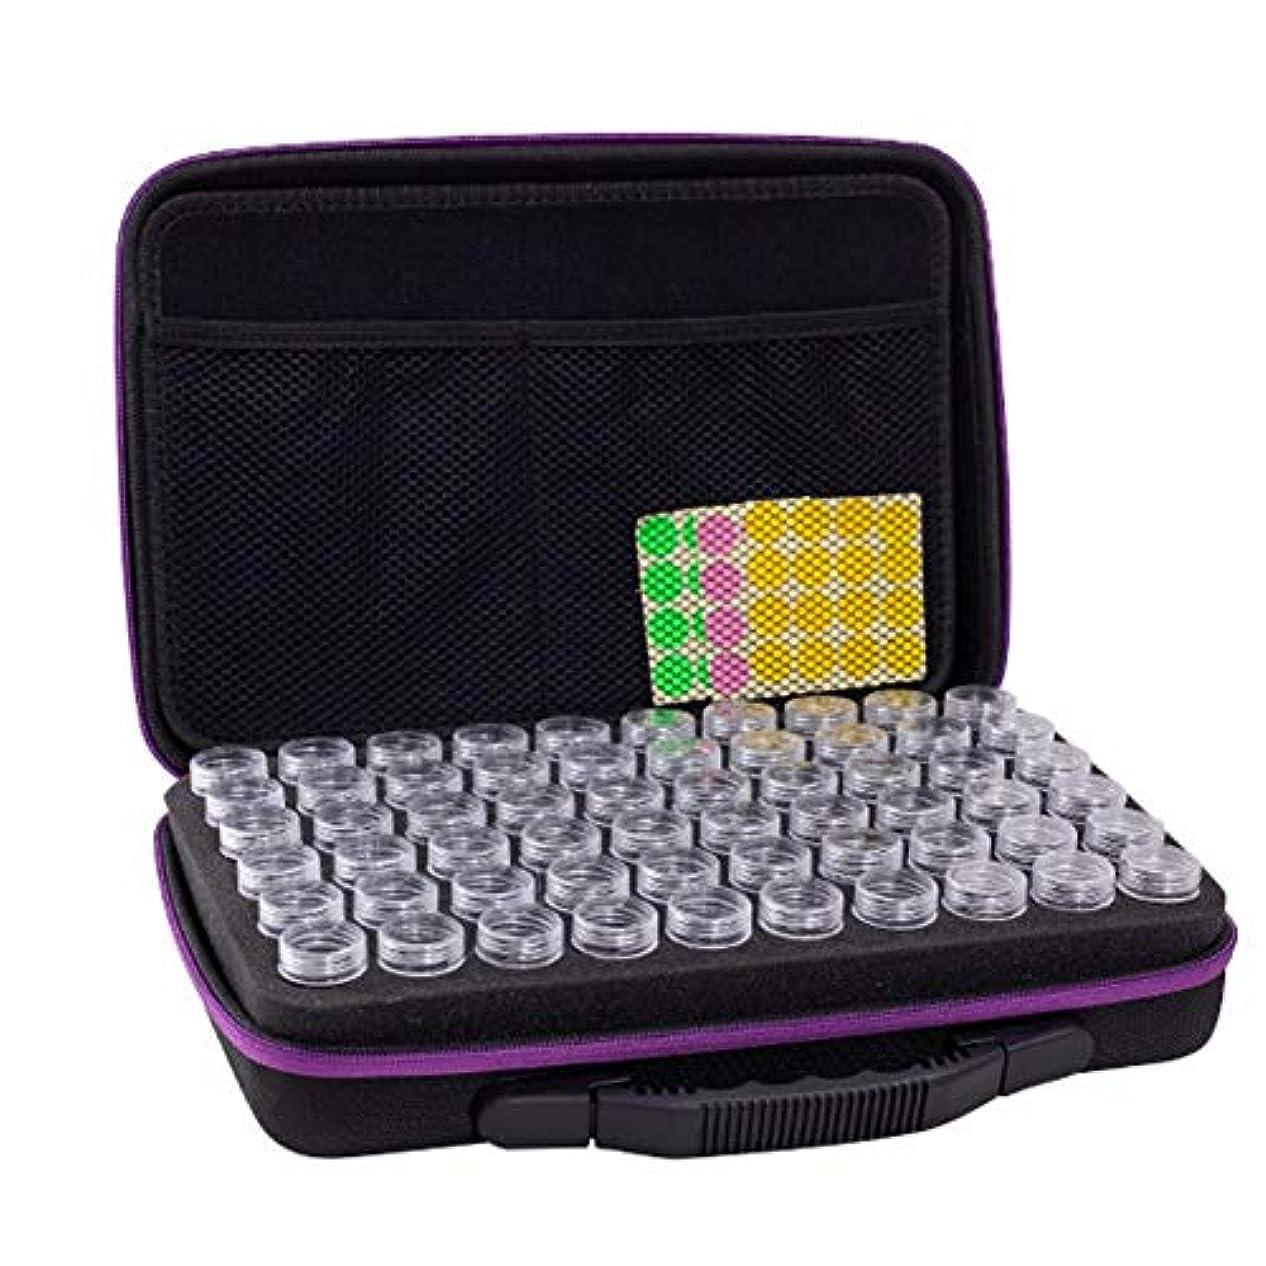 重くするシェフ作詞家アロマポーチ エッセンシャルオイル ケース 携帯用 アロマケース メイクポーチ 精油ケース 大容量 アロマセラピストポーチ 120本用 サイズ:32 22.5 8.5 CM